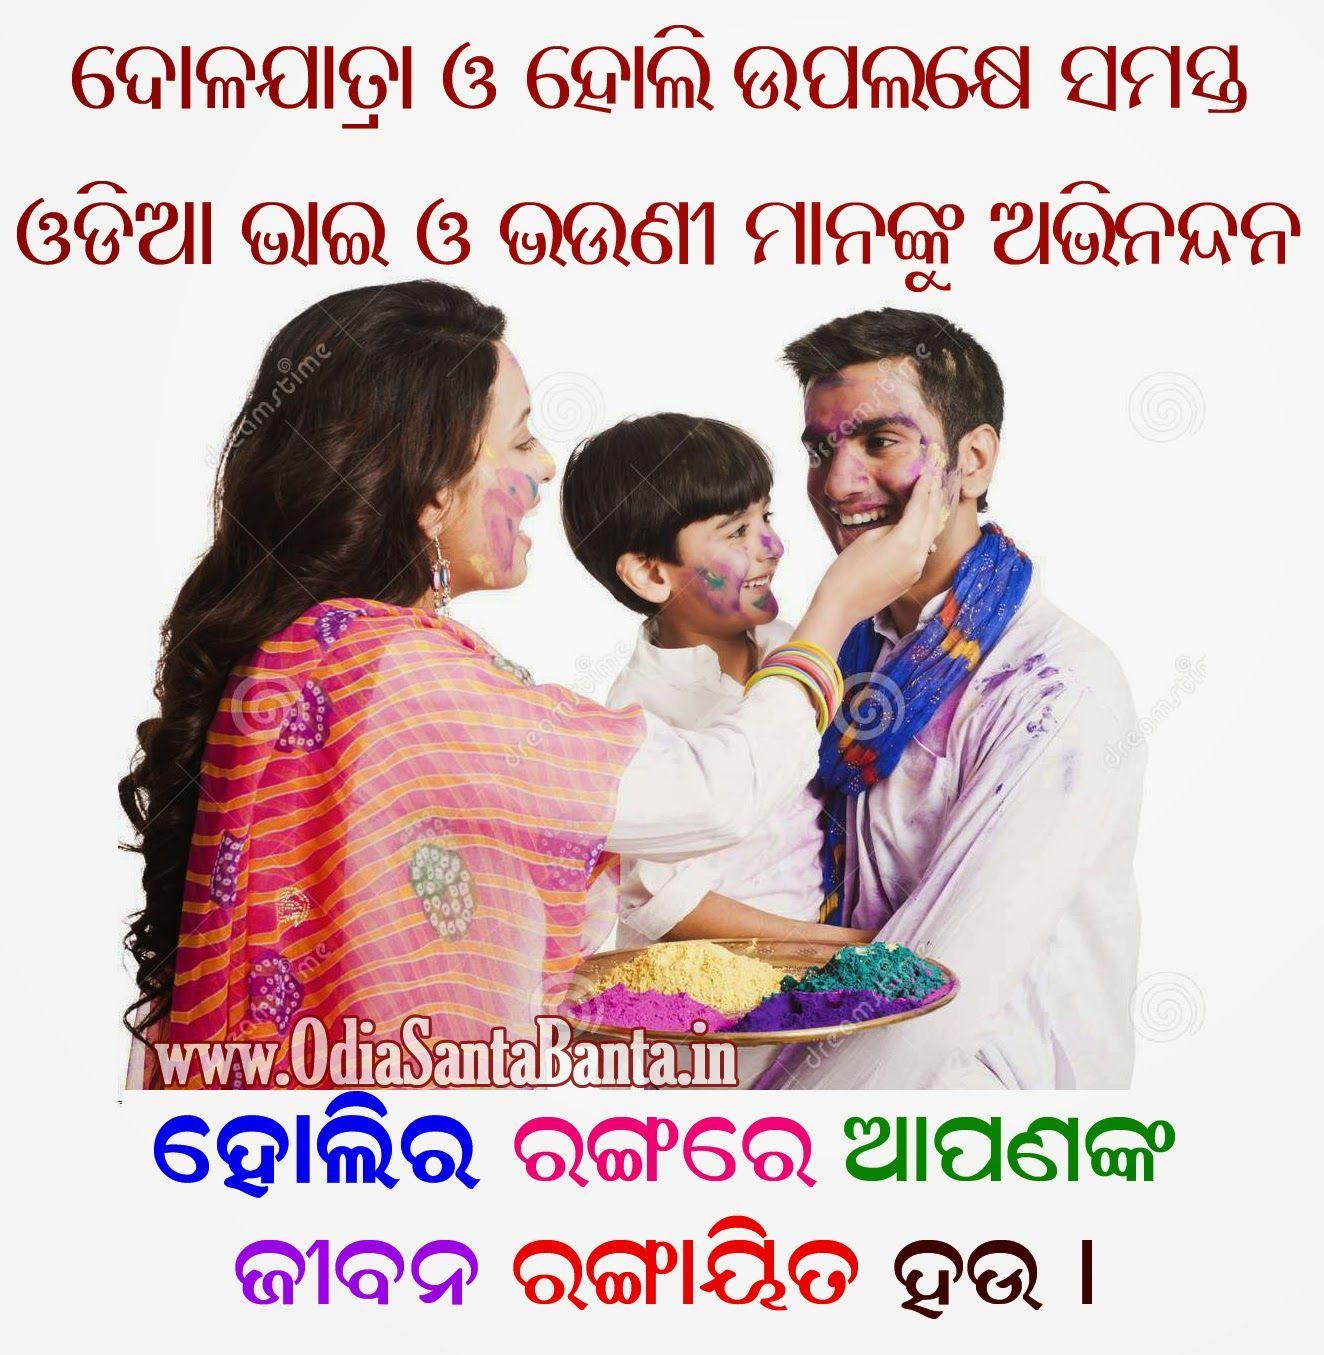 Holi Holi Hai Happy Holi 2015 Holi Festival In Odisha Holi